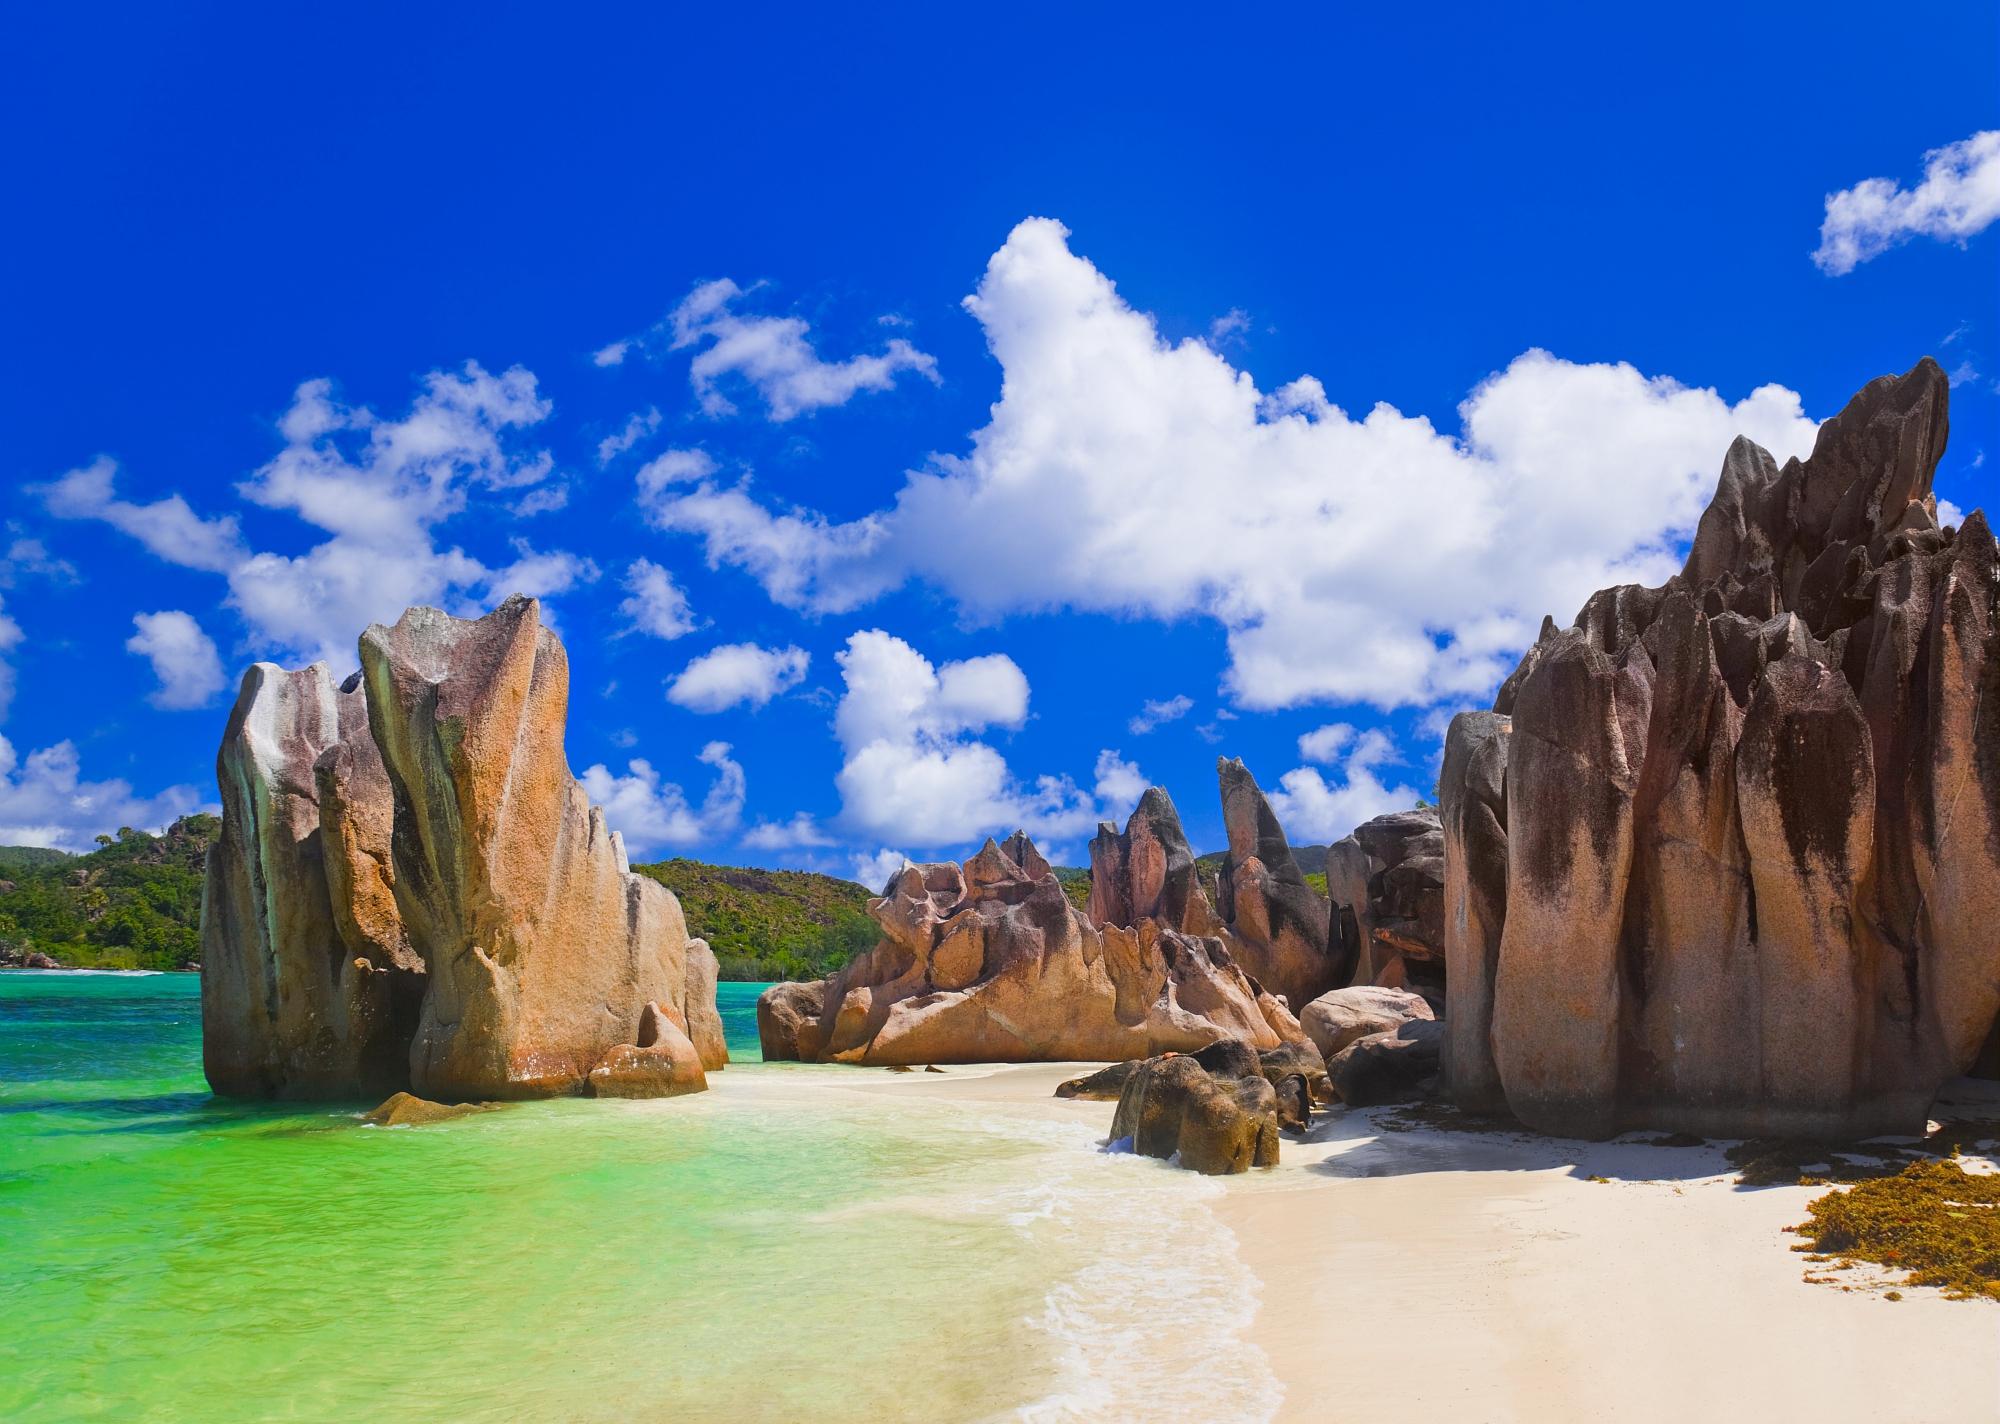 Balade sur les plages granitiques des Seychelles